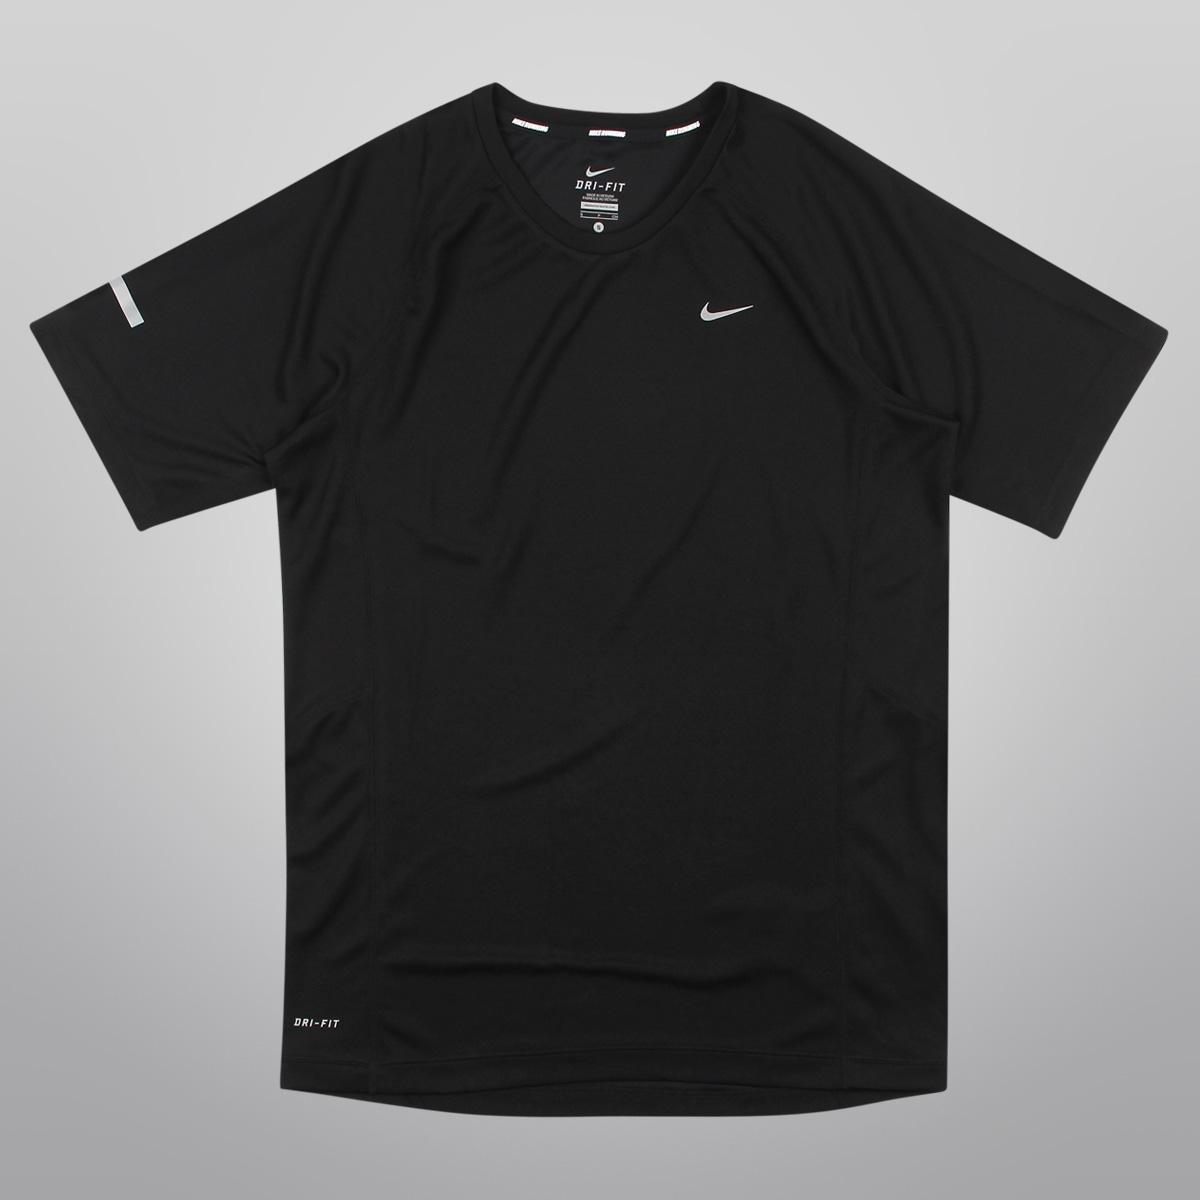 Camiseta Nike Miler - Compre Agora  f1034ecb97235